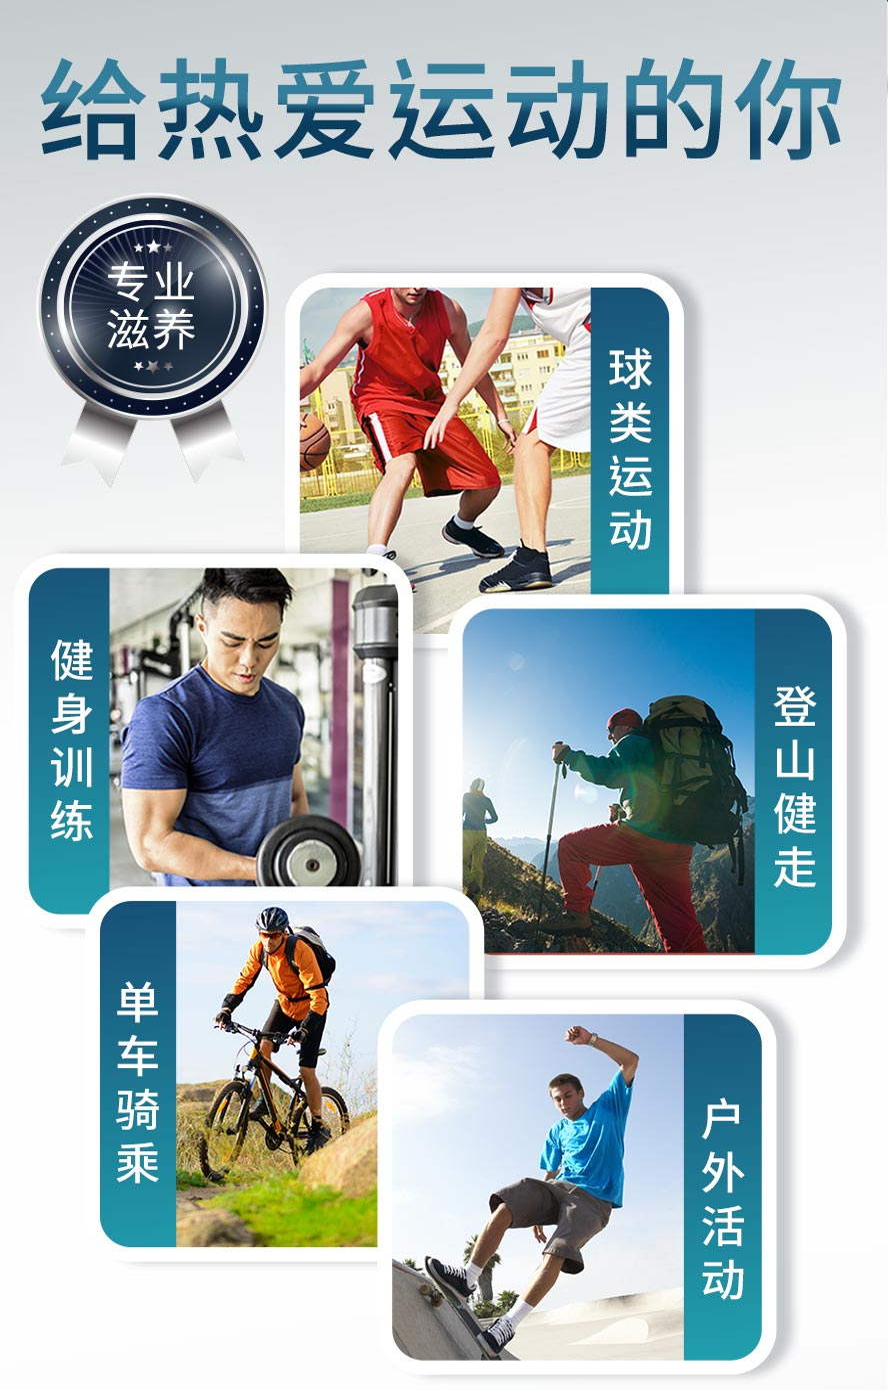 如果是长期打球,健身、爬山健走等容易使用关节的运动者,更应该要注意